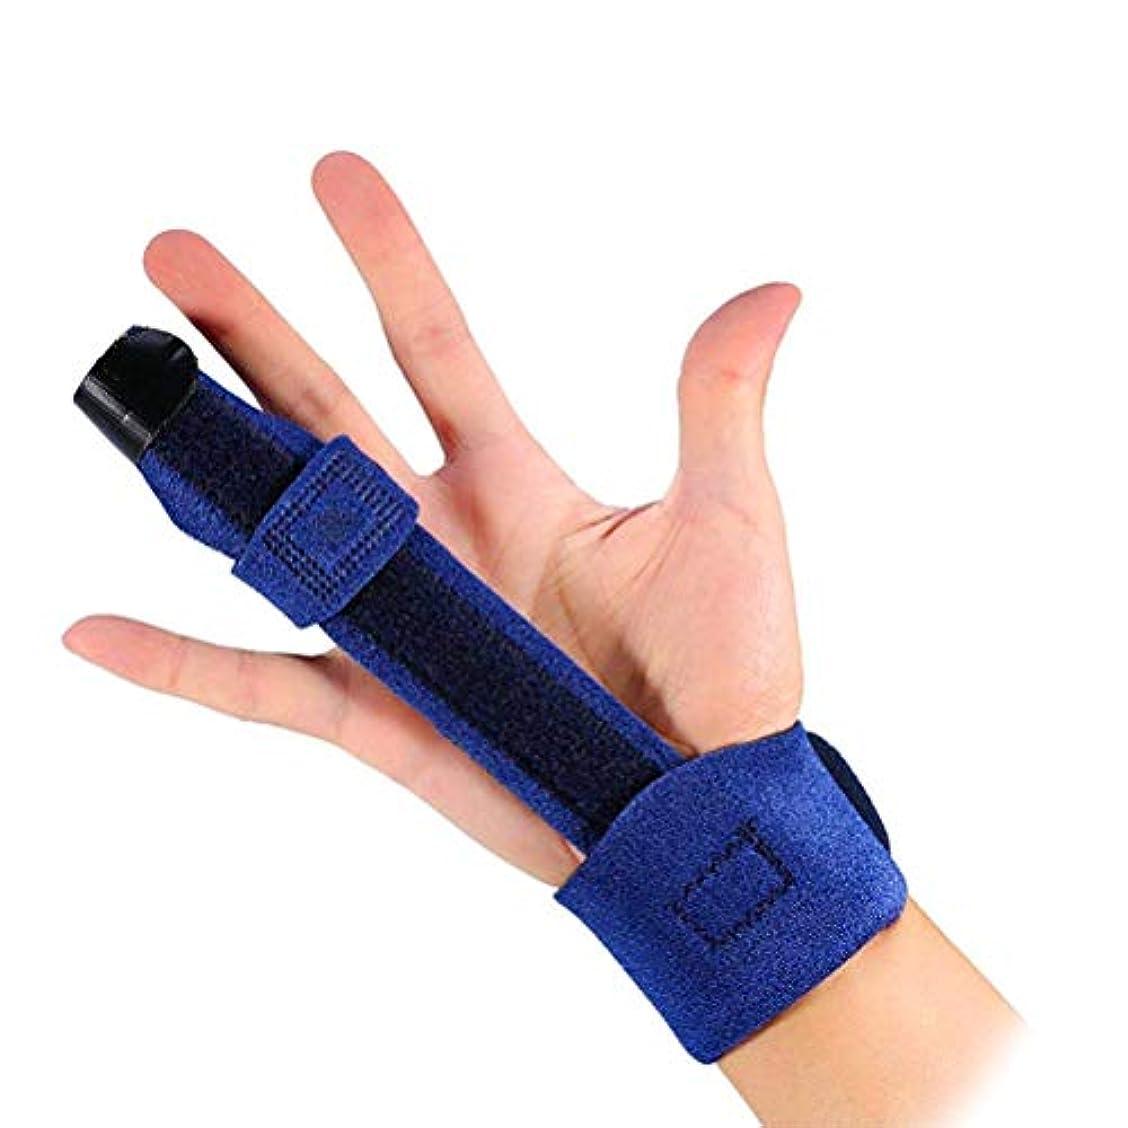 ハンバーガー嫉妬ビーズライフ小屋 ばね指 サポーター 指サポーター 柔軟 通気性 薬指 人差し指 ばね指 バネ指 突き指 手首固定 中指 サポーター スポーツ 金属プレート 固定 取付け簡単